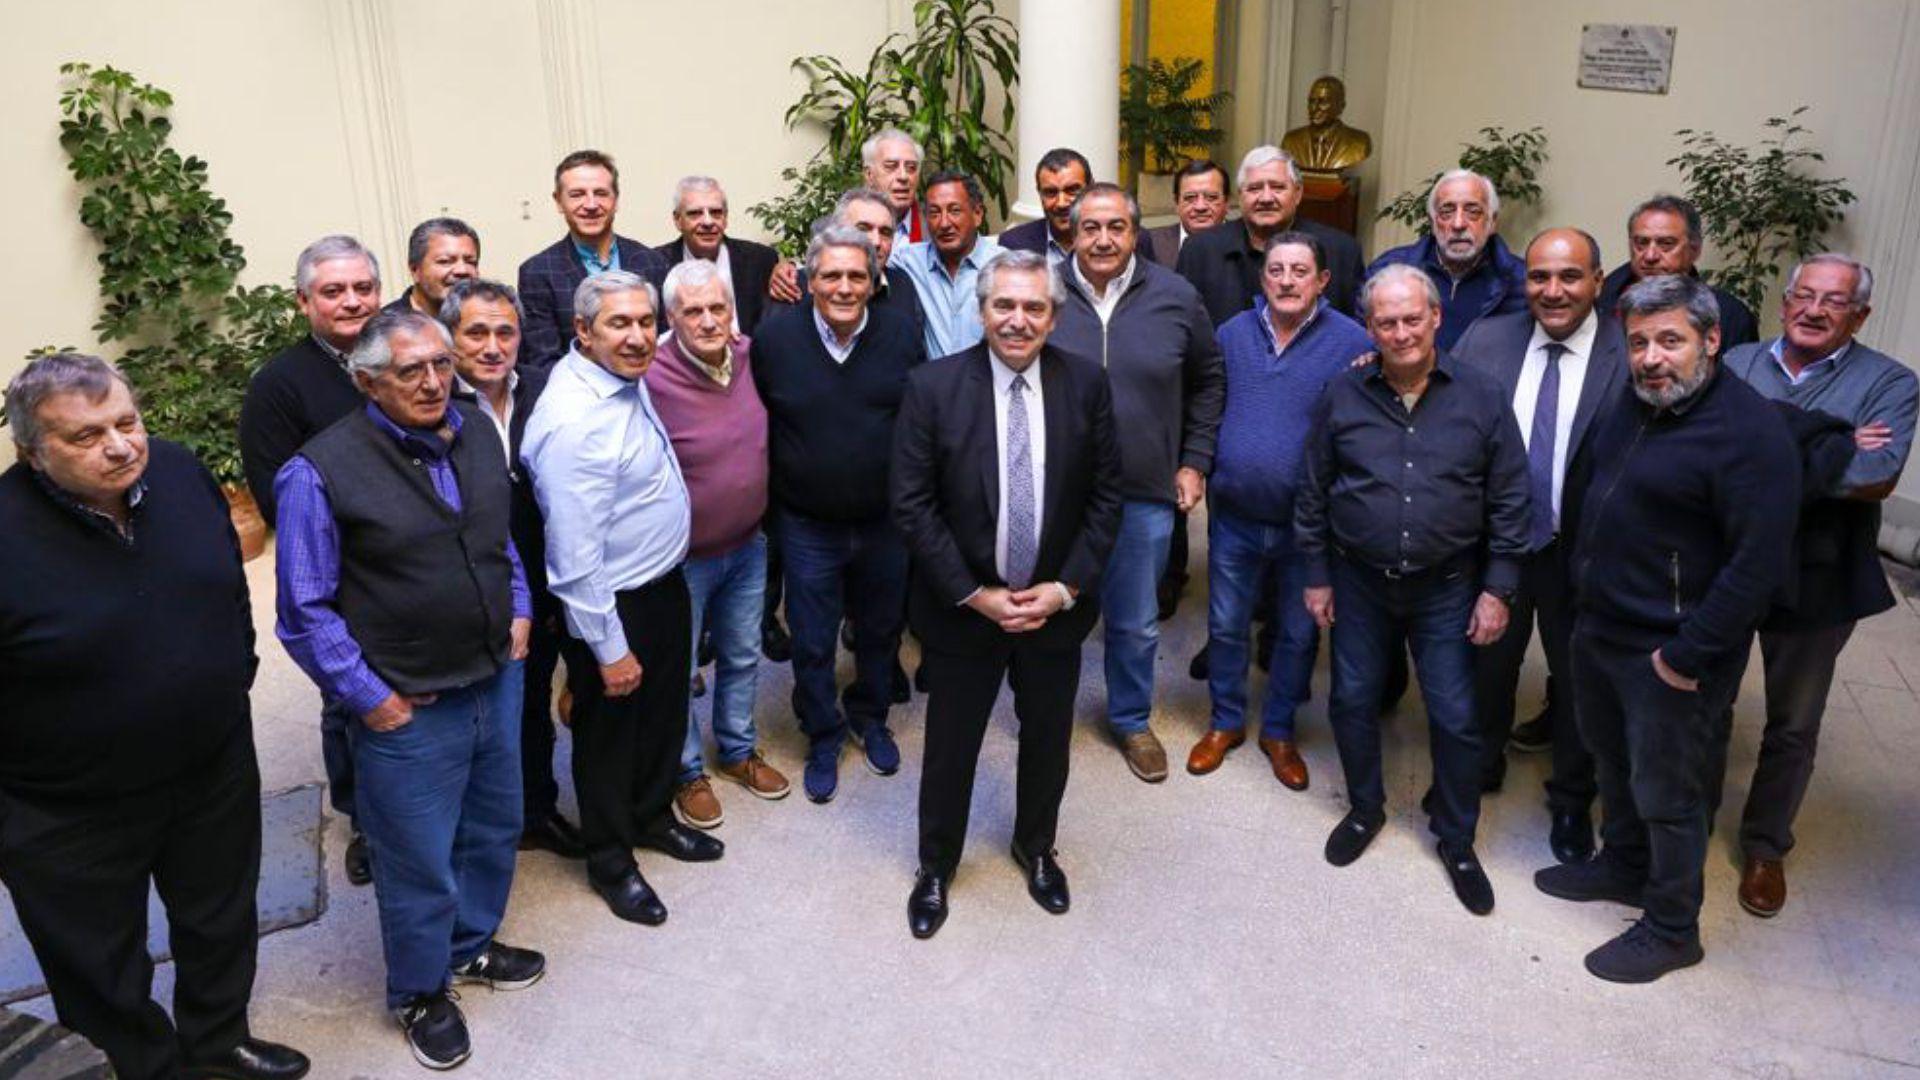 Los dirigentes de la CGT y Alberto Fernández, una relación llena de vaivenes